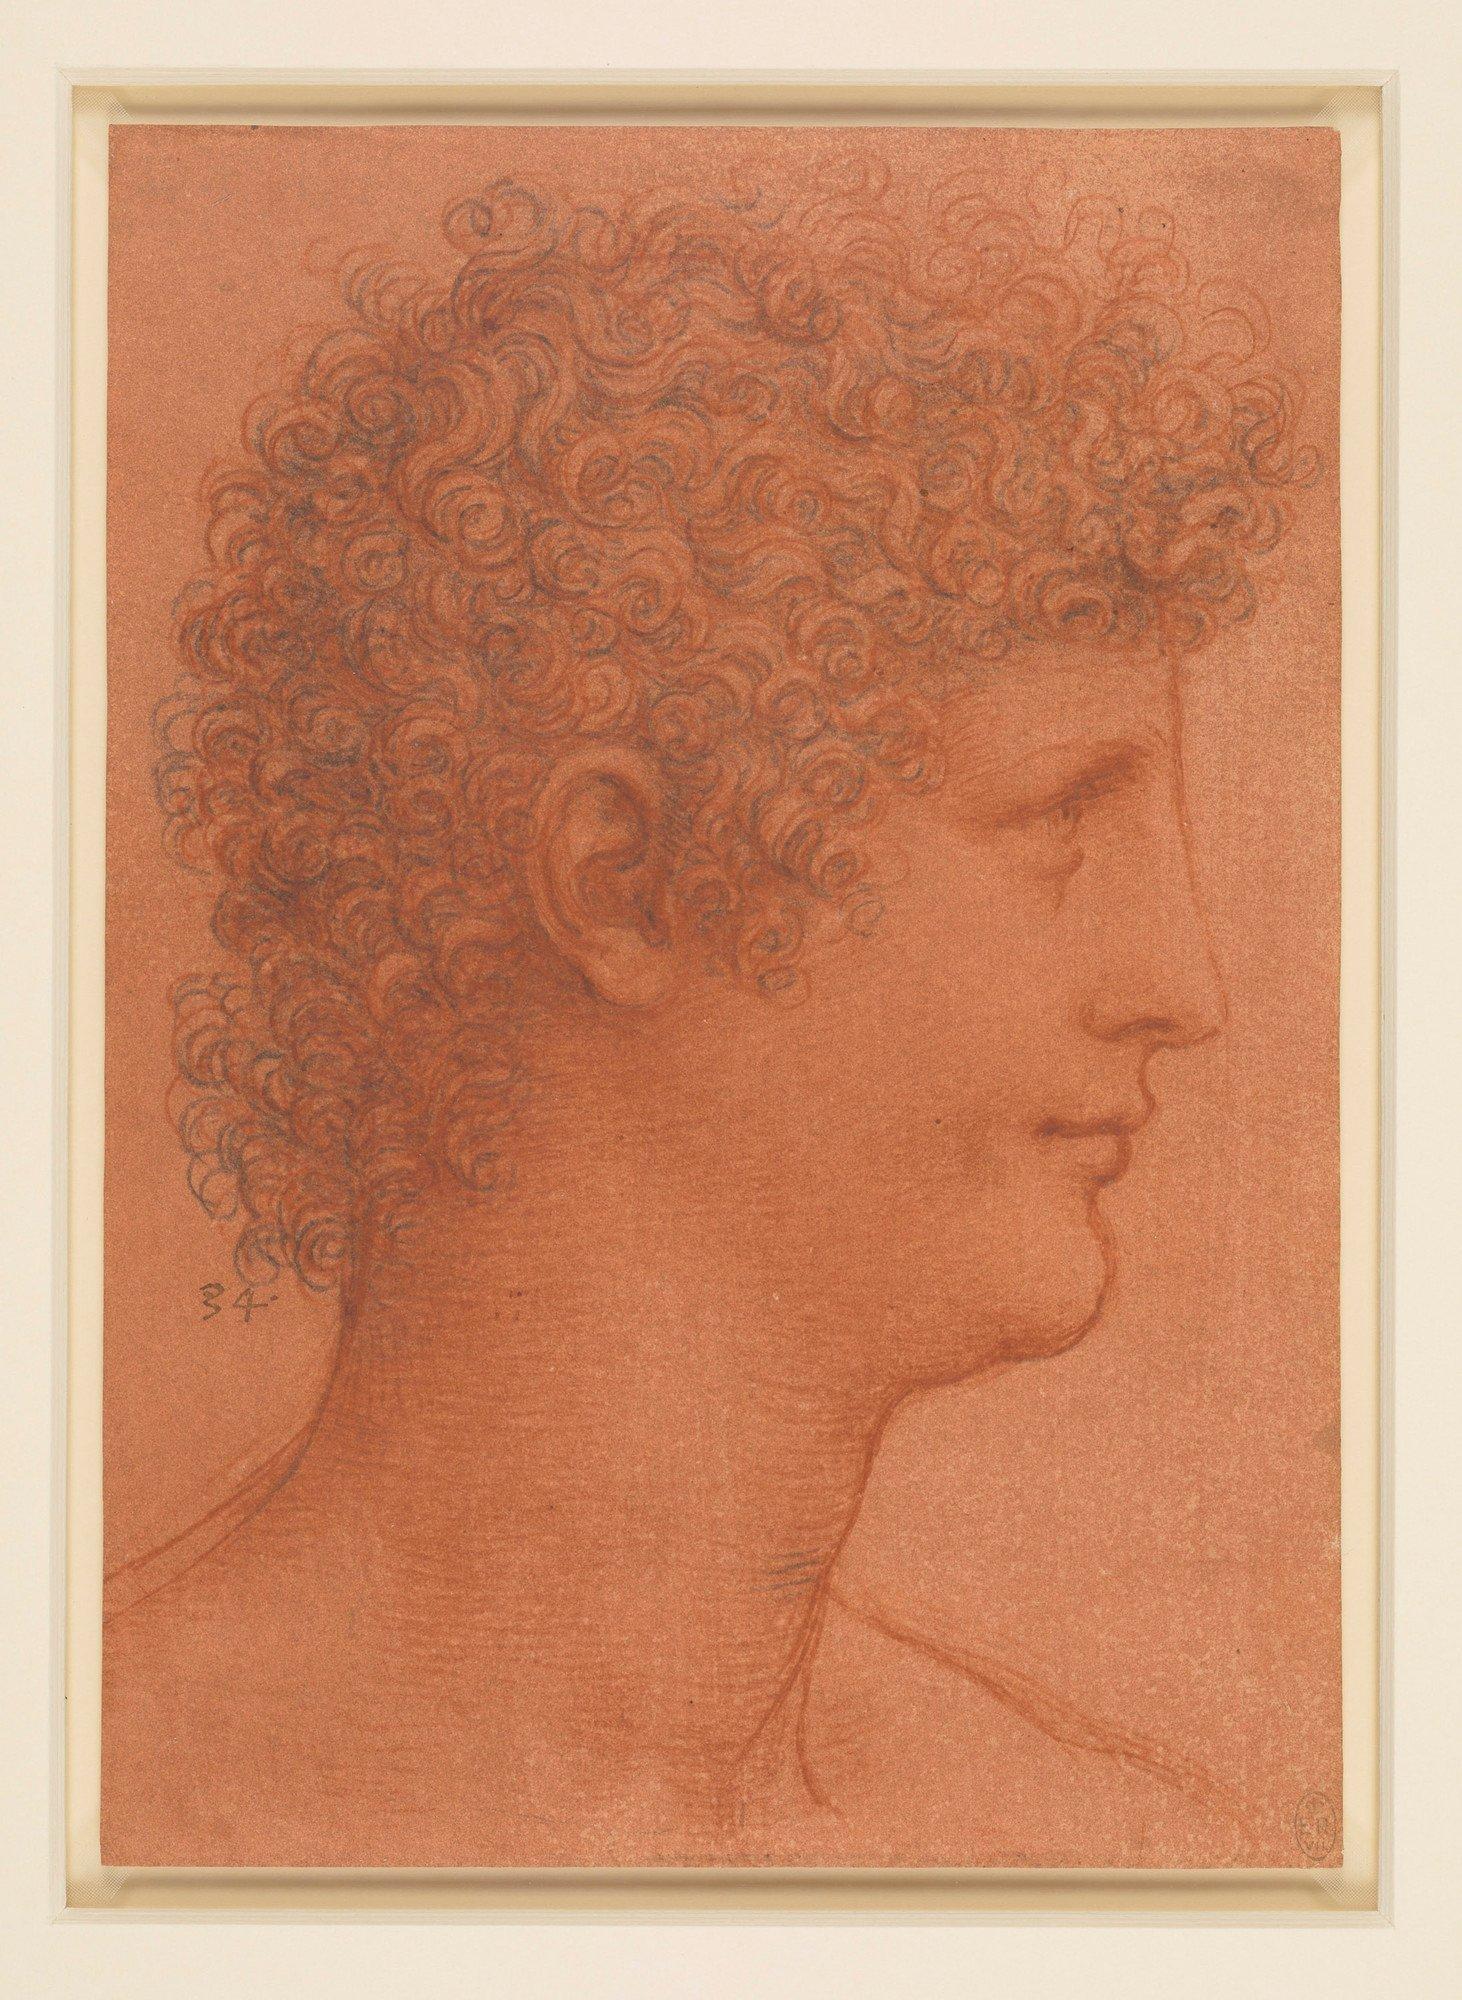 Leonardo da Vinci, Testa di giovane di profilo (1510 circa; gessetto nero e rosso su carta arancione, 217 x 153 mm; Windsor, Royal Collection, inv. RCIN 912554)